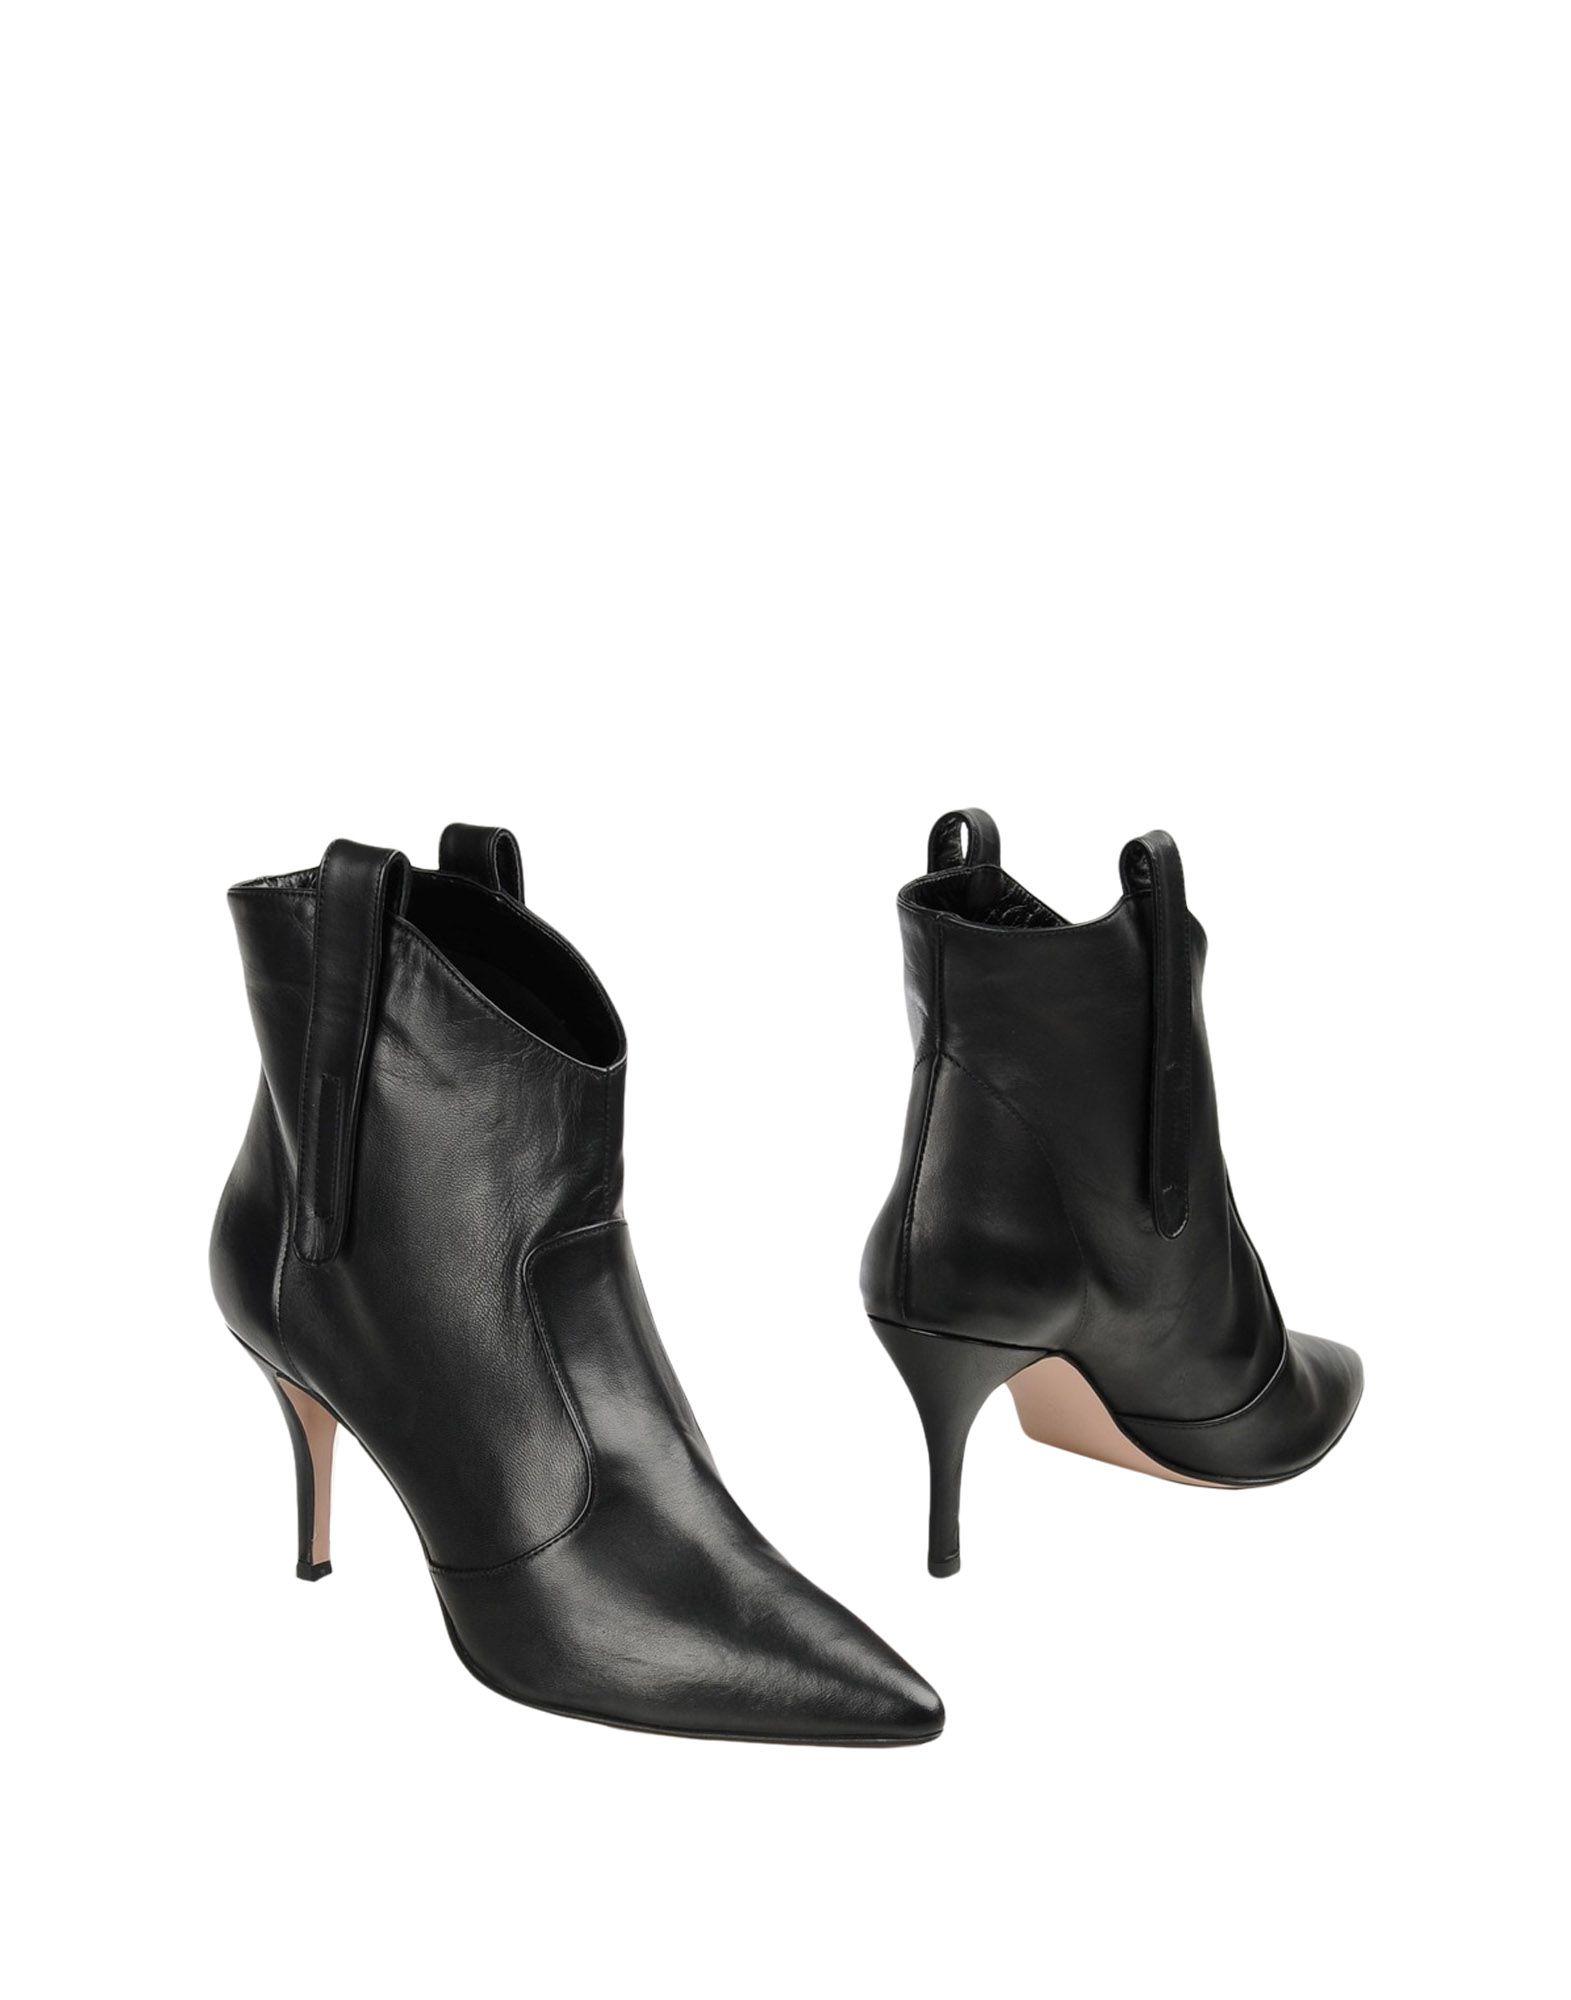 8 Stiefelette Damen  11423032ND Gute Qualität beliebte Schuhe